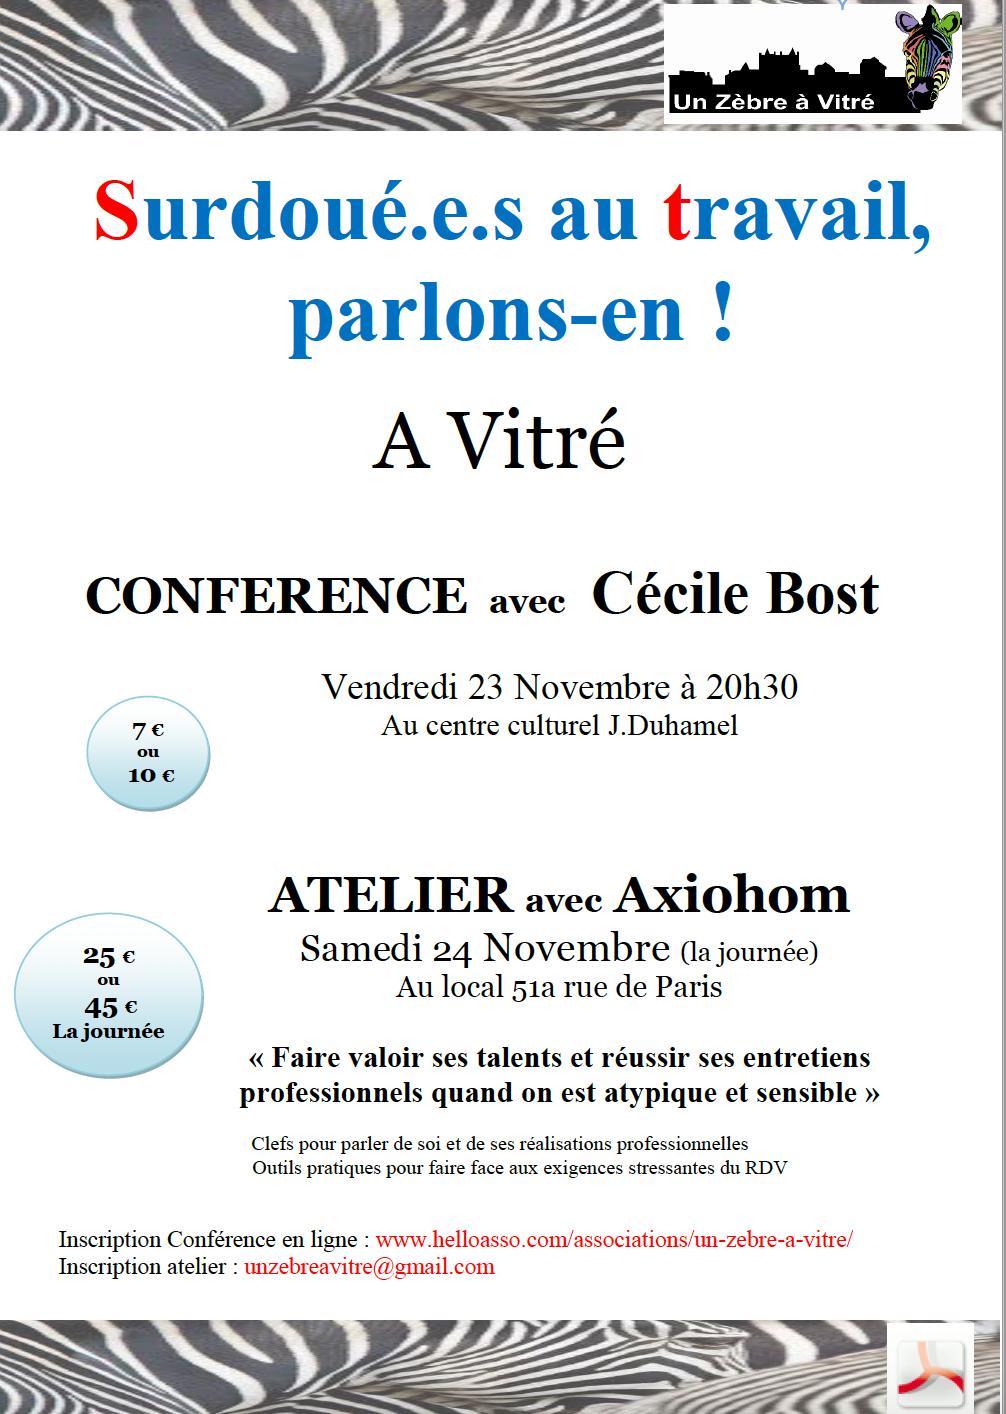 Rennes - Cecile Bost à Rennes le 23 novembre à Vitré Affich10